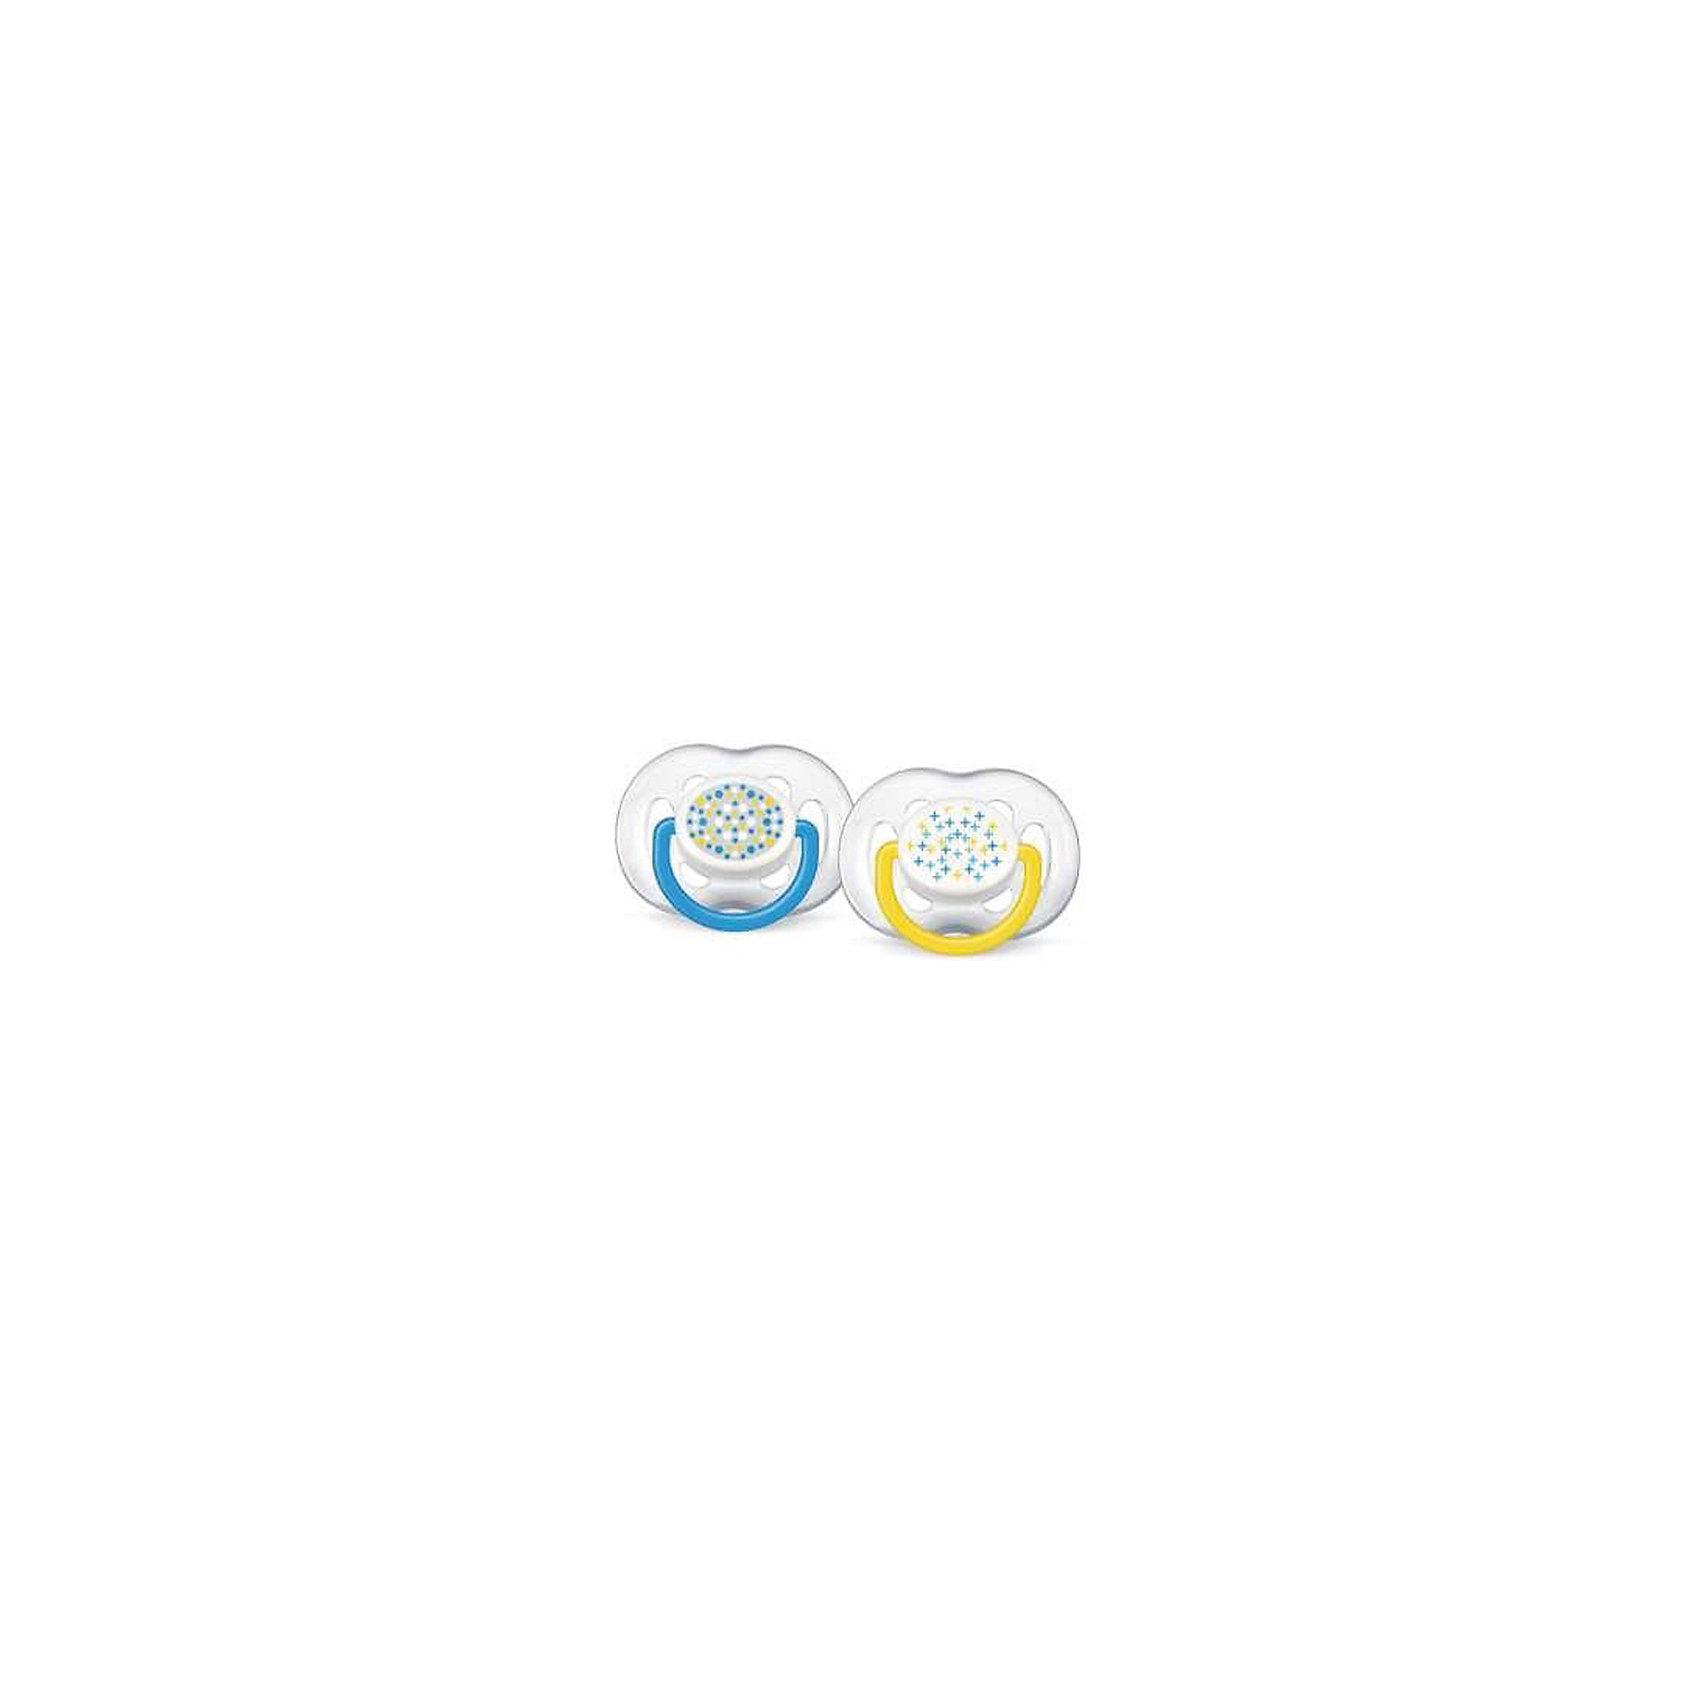 Силиконоваяпустышка Free Flow Design, 6-18 мес., 2 шт., AVENT, голубой/желтыйПустышки из силикона<br>Силиконовые пустышки Free Flow от 6 месяцев, в упаковке 2 штучки.<br><br>Особенный ободок Free Flow имеет 6 вентиляционных отверстий, что помогает предотвратить раздражение чувствительной кожи малыша. А модный рисунок обязательно привлечёт внимание Вашего малыша!<br><br>Одной из особенностей пустышек AVENT является то, что они абсолютно симметричны. Даже если пустышка перевернётся во рту у ребёнка, естественное развитие прикуса, а также зубов и дёсен не нарушится. <br><br>Пустышка изготовлена из высококачественного силикона, который не имеет вкуса и запаха, не вступает в реакцию со слюной и поэтому не вызывает аллергии. <br><br>В комплекте имеется защитный колпачок на защёлке.<br><br>Допускается паровая стерилизация. <br><br>Дополнительная информация:<br><br>В упаковке две пустышки.<br><br>Размеры упаковки (д/ш/в): 5 х 10 х 10 см.<br><br>Силиконовую пустышку Free Flow Design, от 6 мес., 2 шт., AVENT, желтый/зеленый можно купить в нашем интернет-магазине.<br><br>Ширина мм: 50<br>Глубина мм: 100<br>Высота мм: 100<br>Вес г: 59<br>Возраст от месяцев: 6<br>Возраст до месяцев: 18<br>Пол: Унисекс<br>Возраст: Детский<br>SKU: 4510855